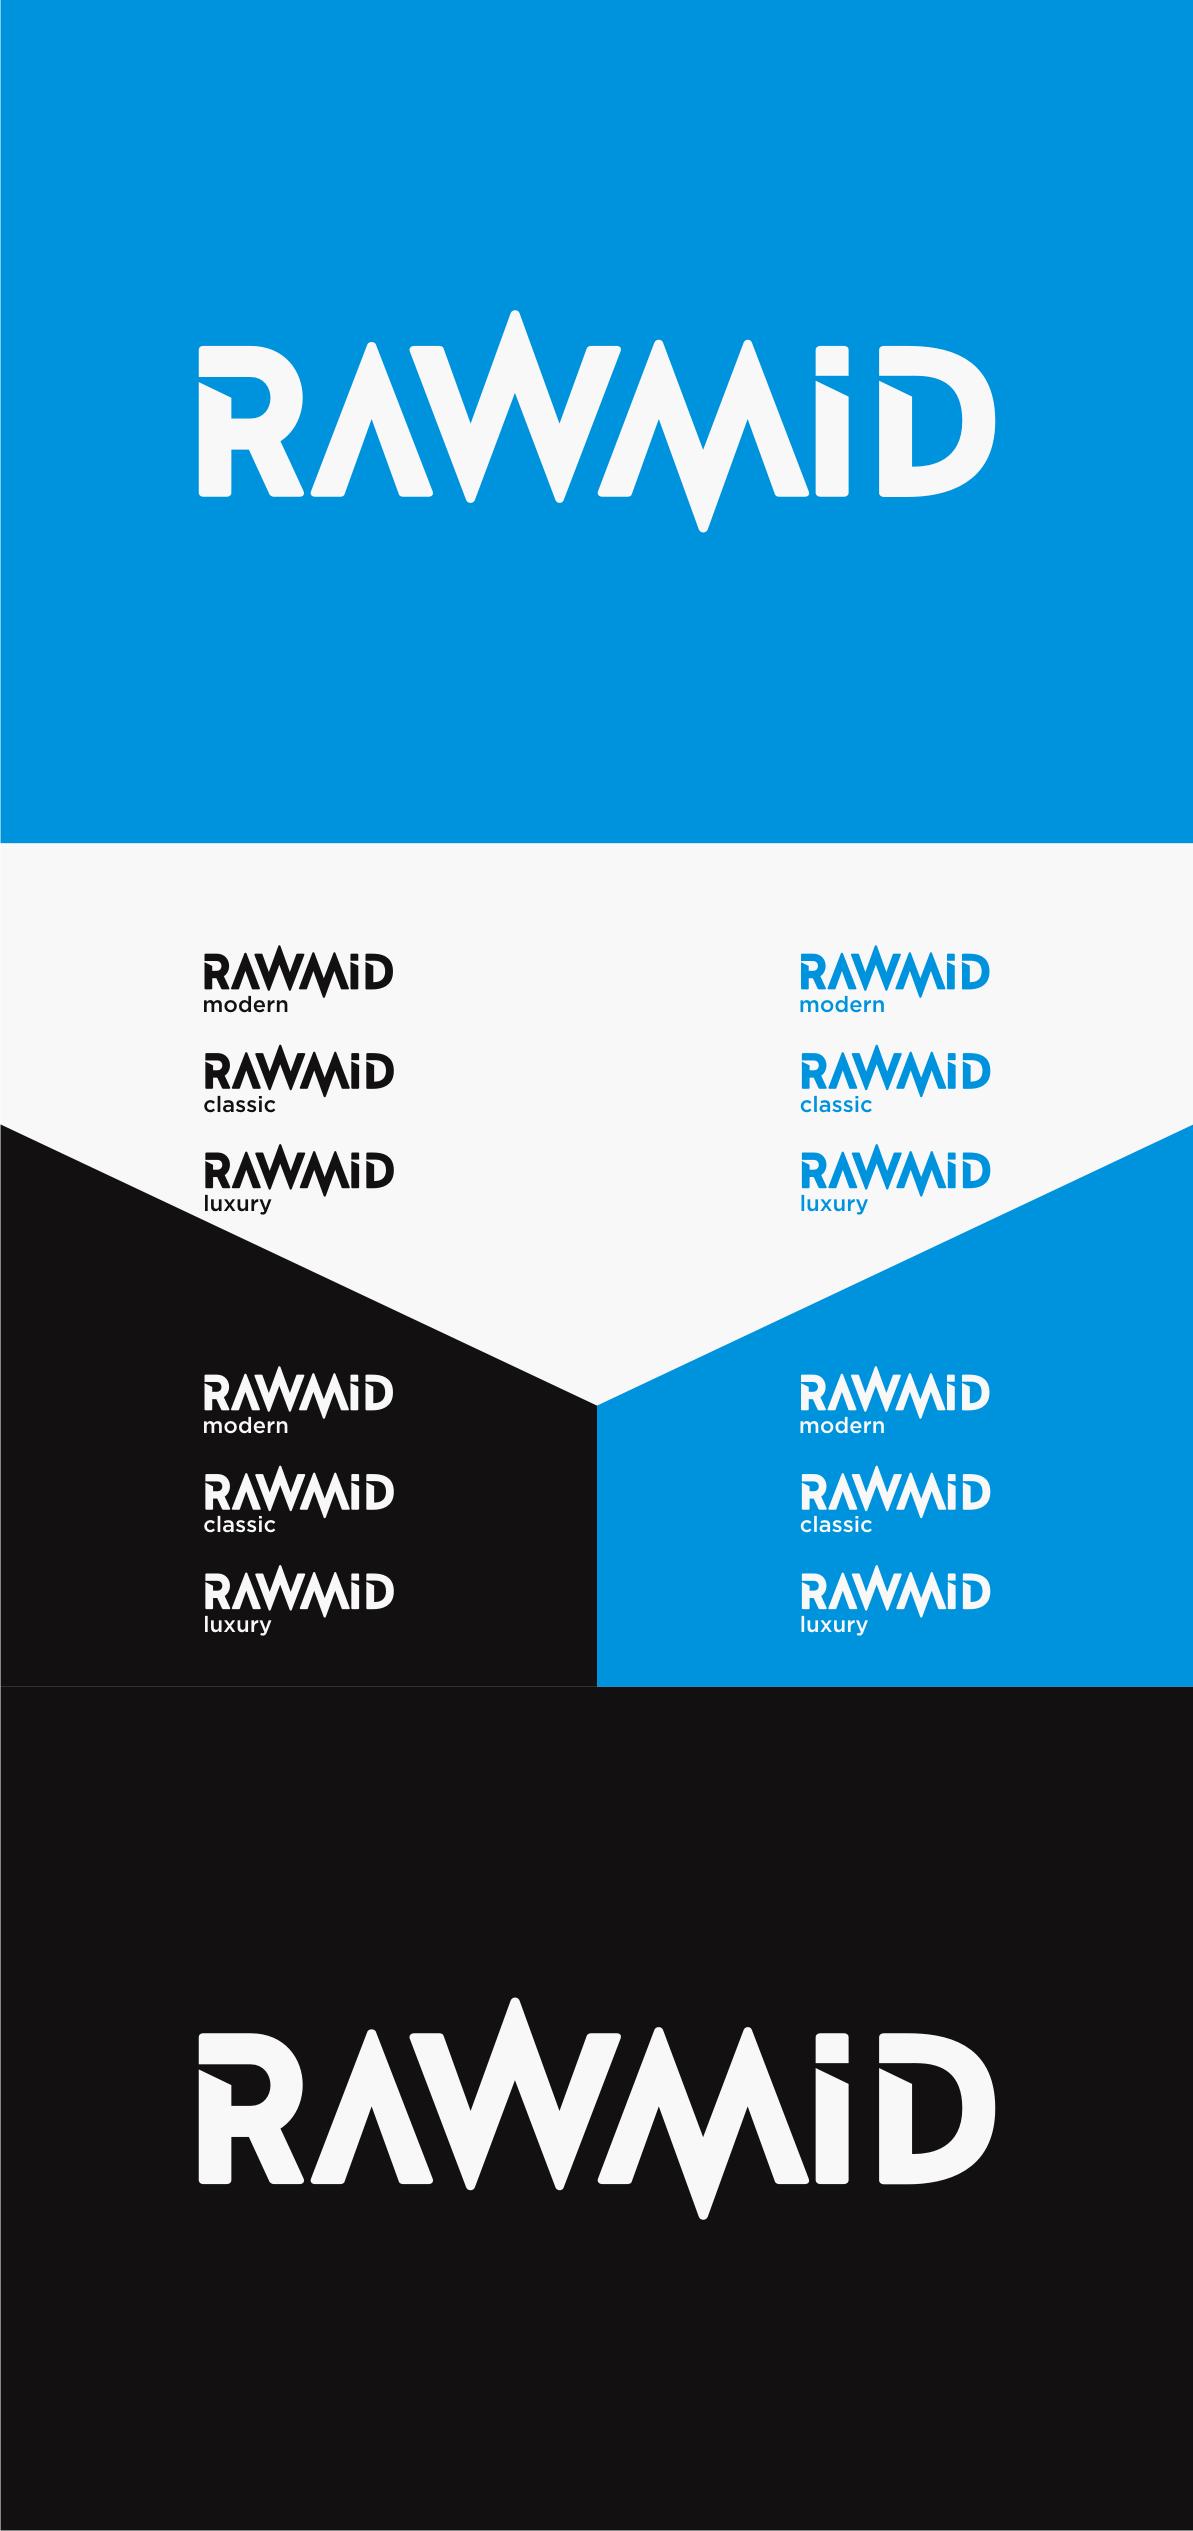 Создать логотип (буквенная часть) для бренда бытовой техники фото f_2595b33979a20b84.png